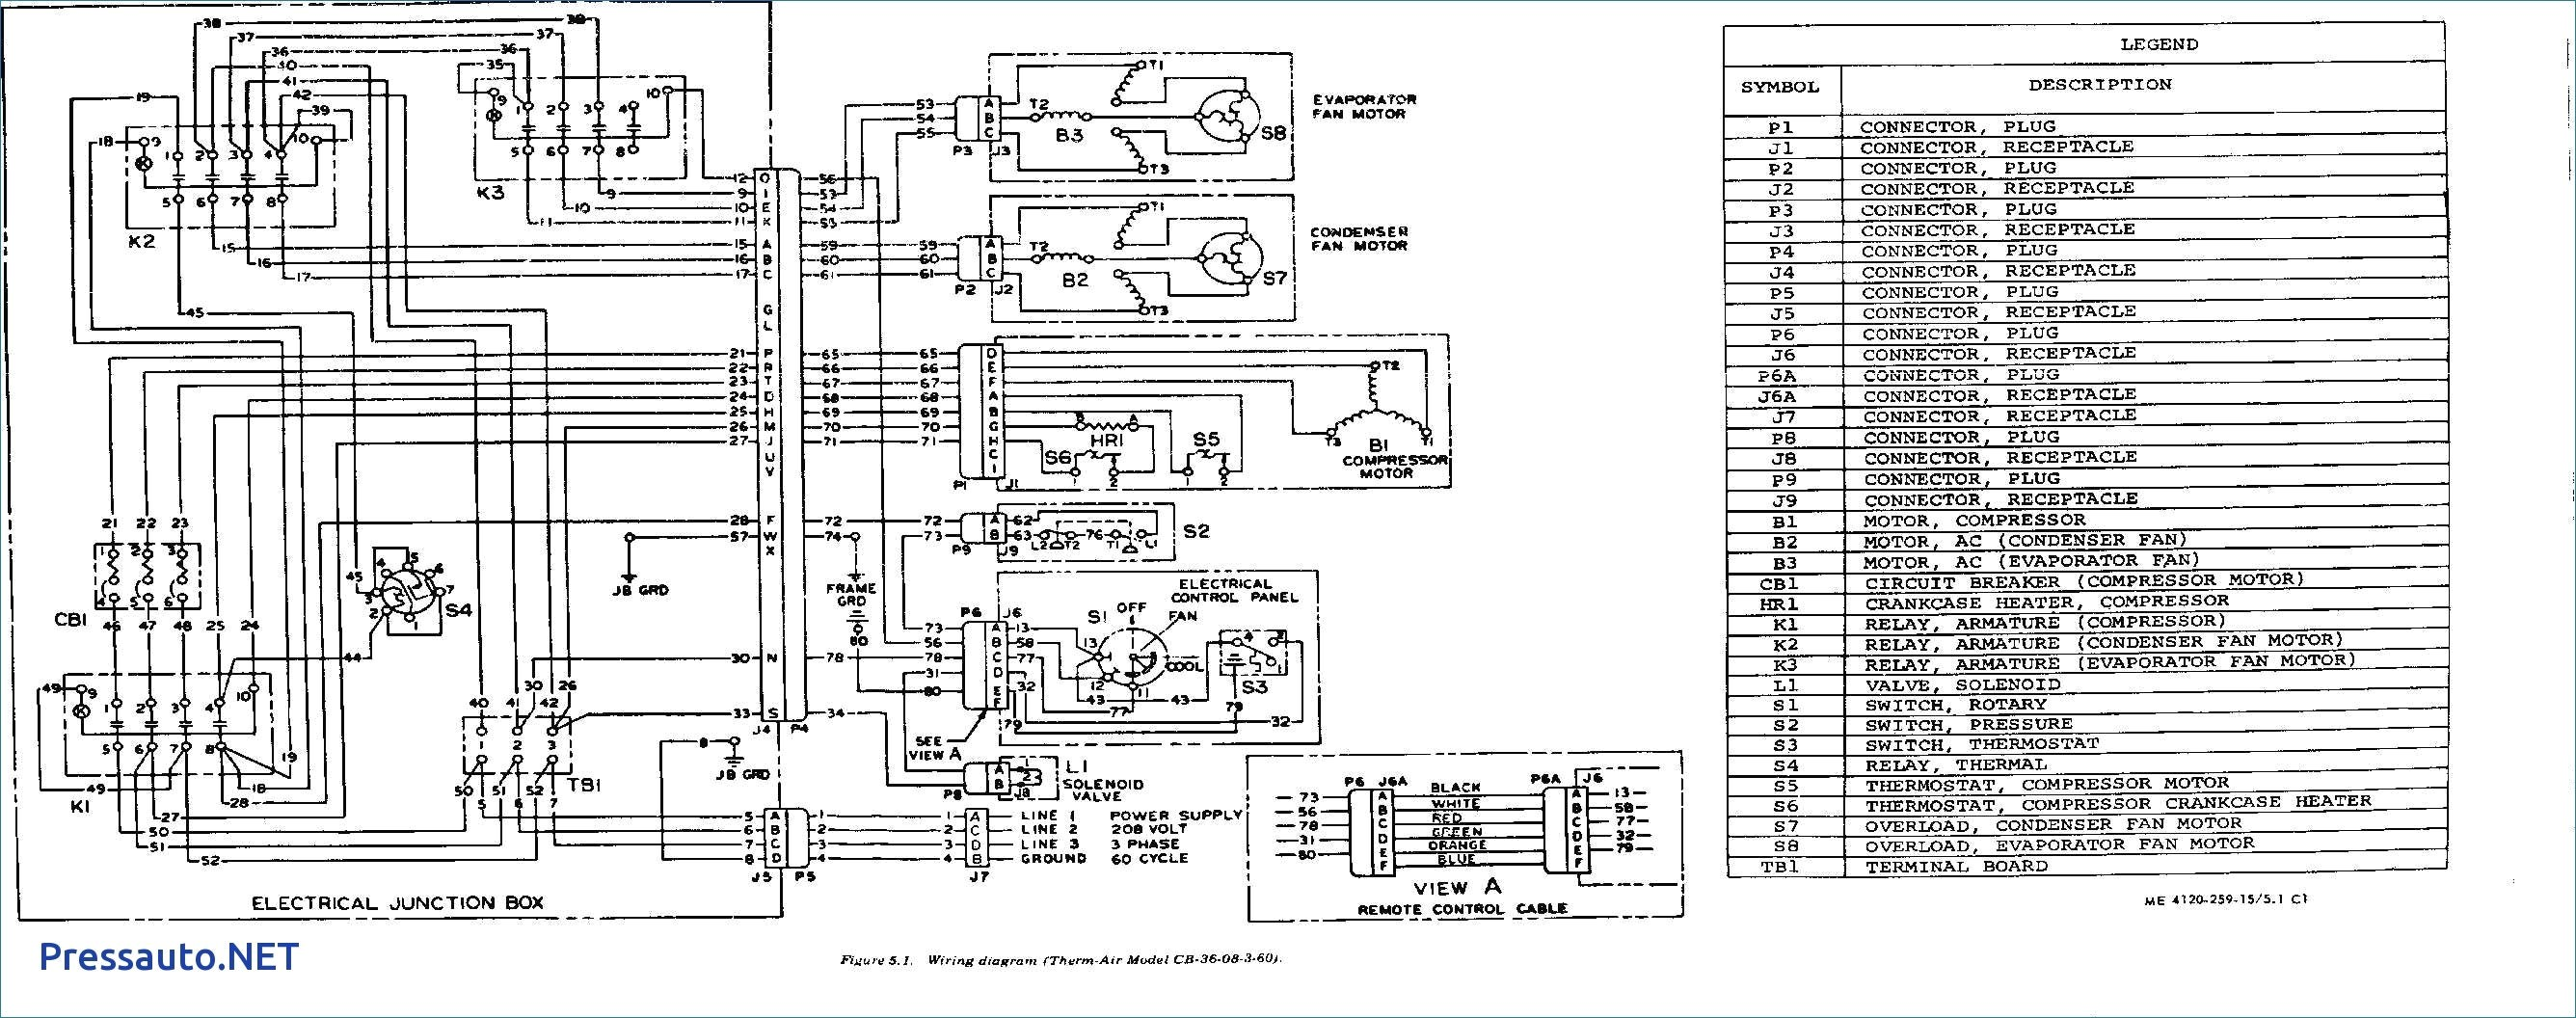 Weil Mclain Boiler Wiring Diagram On Trane Xl16i Rh 45 32 228 236